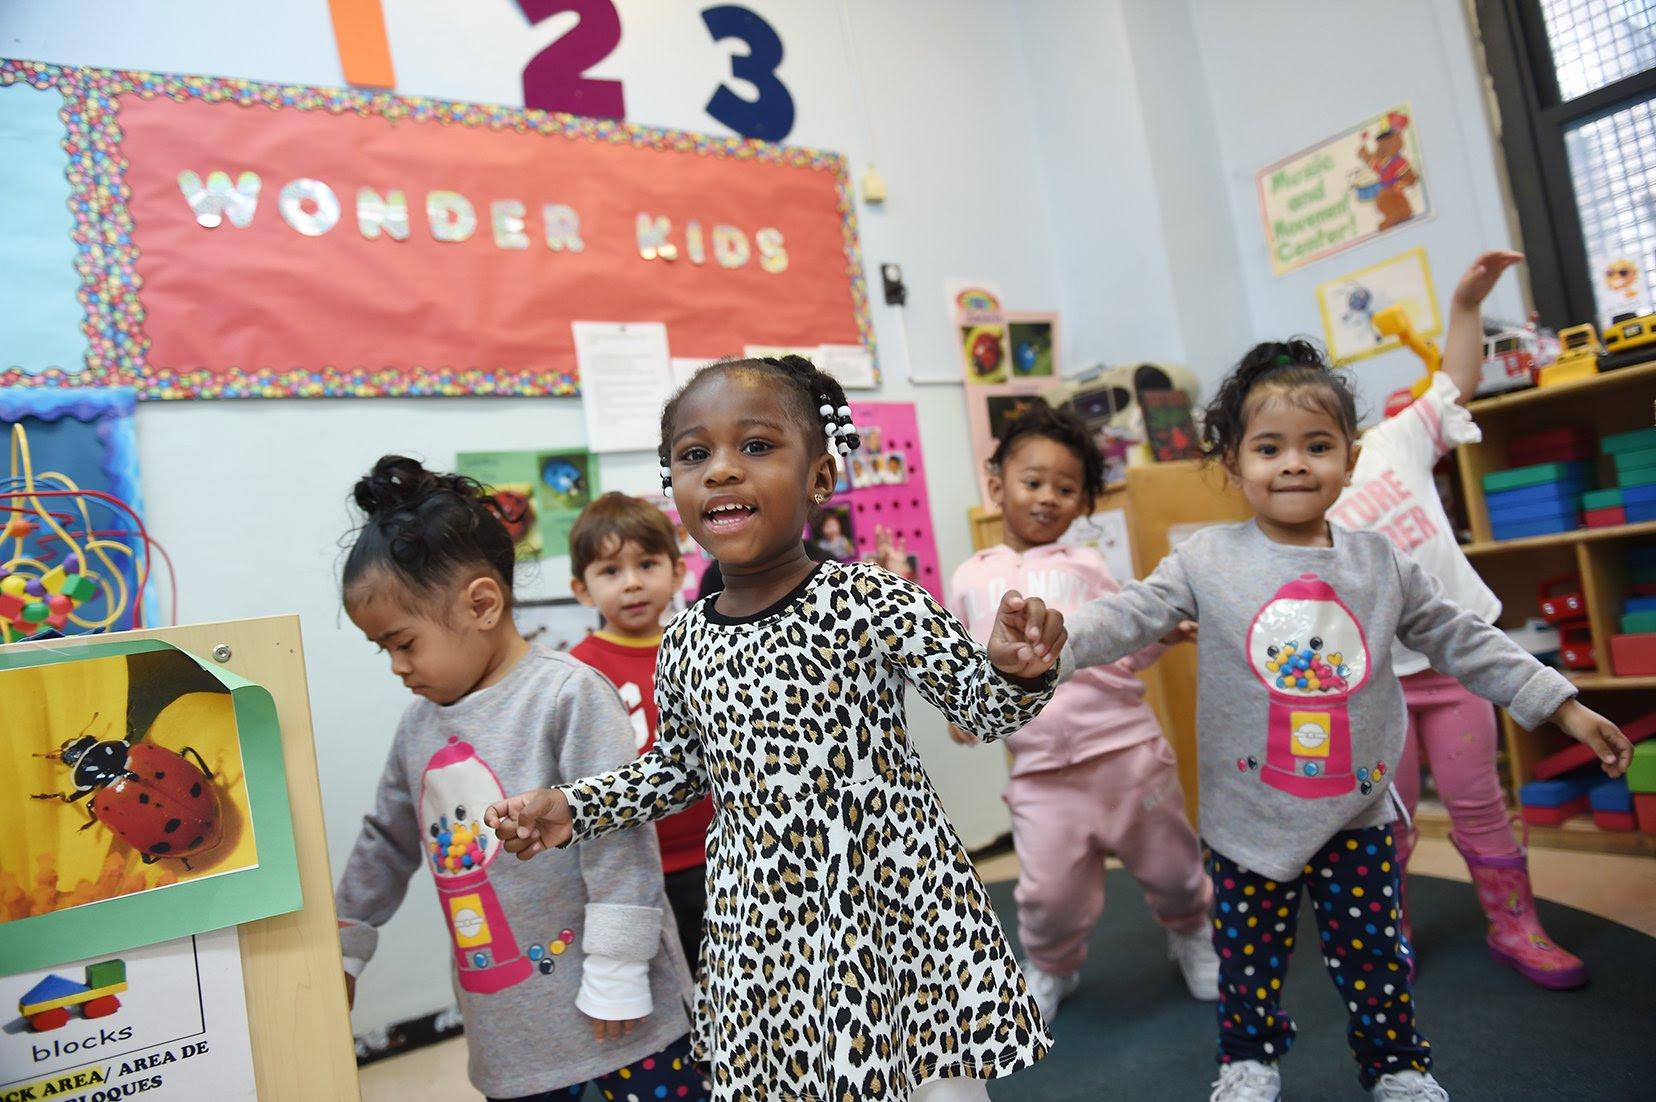 California Child Care Providers Make History With Unionization Vote